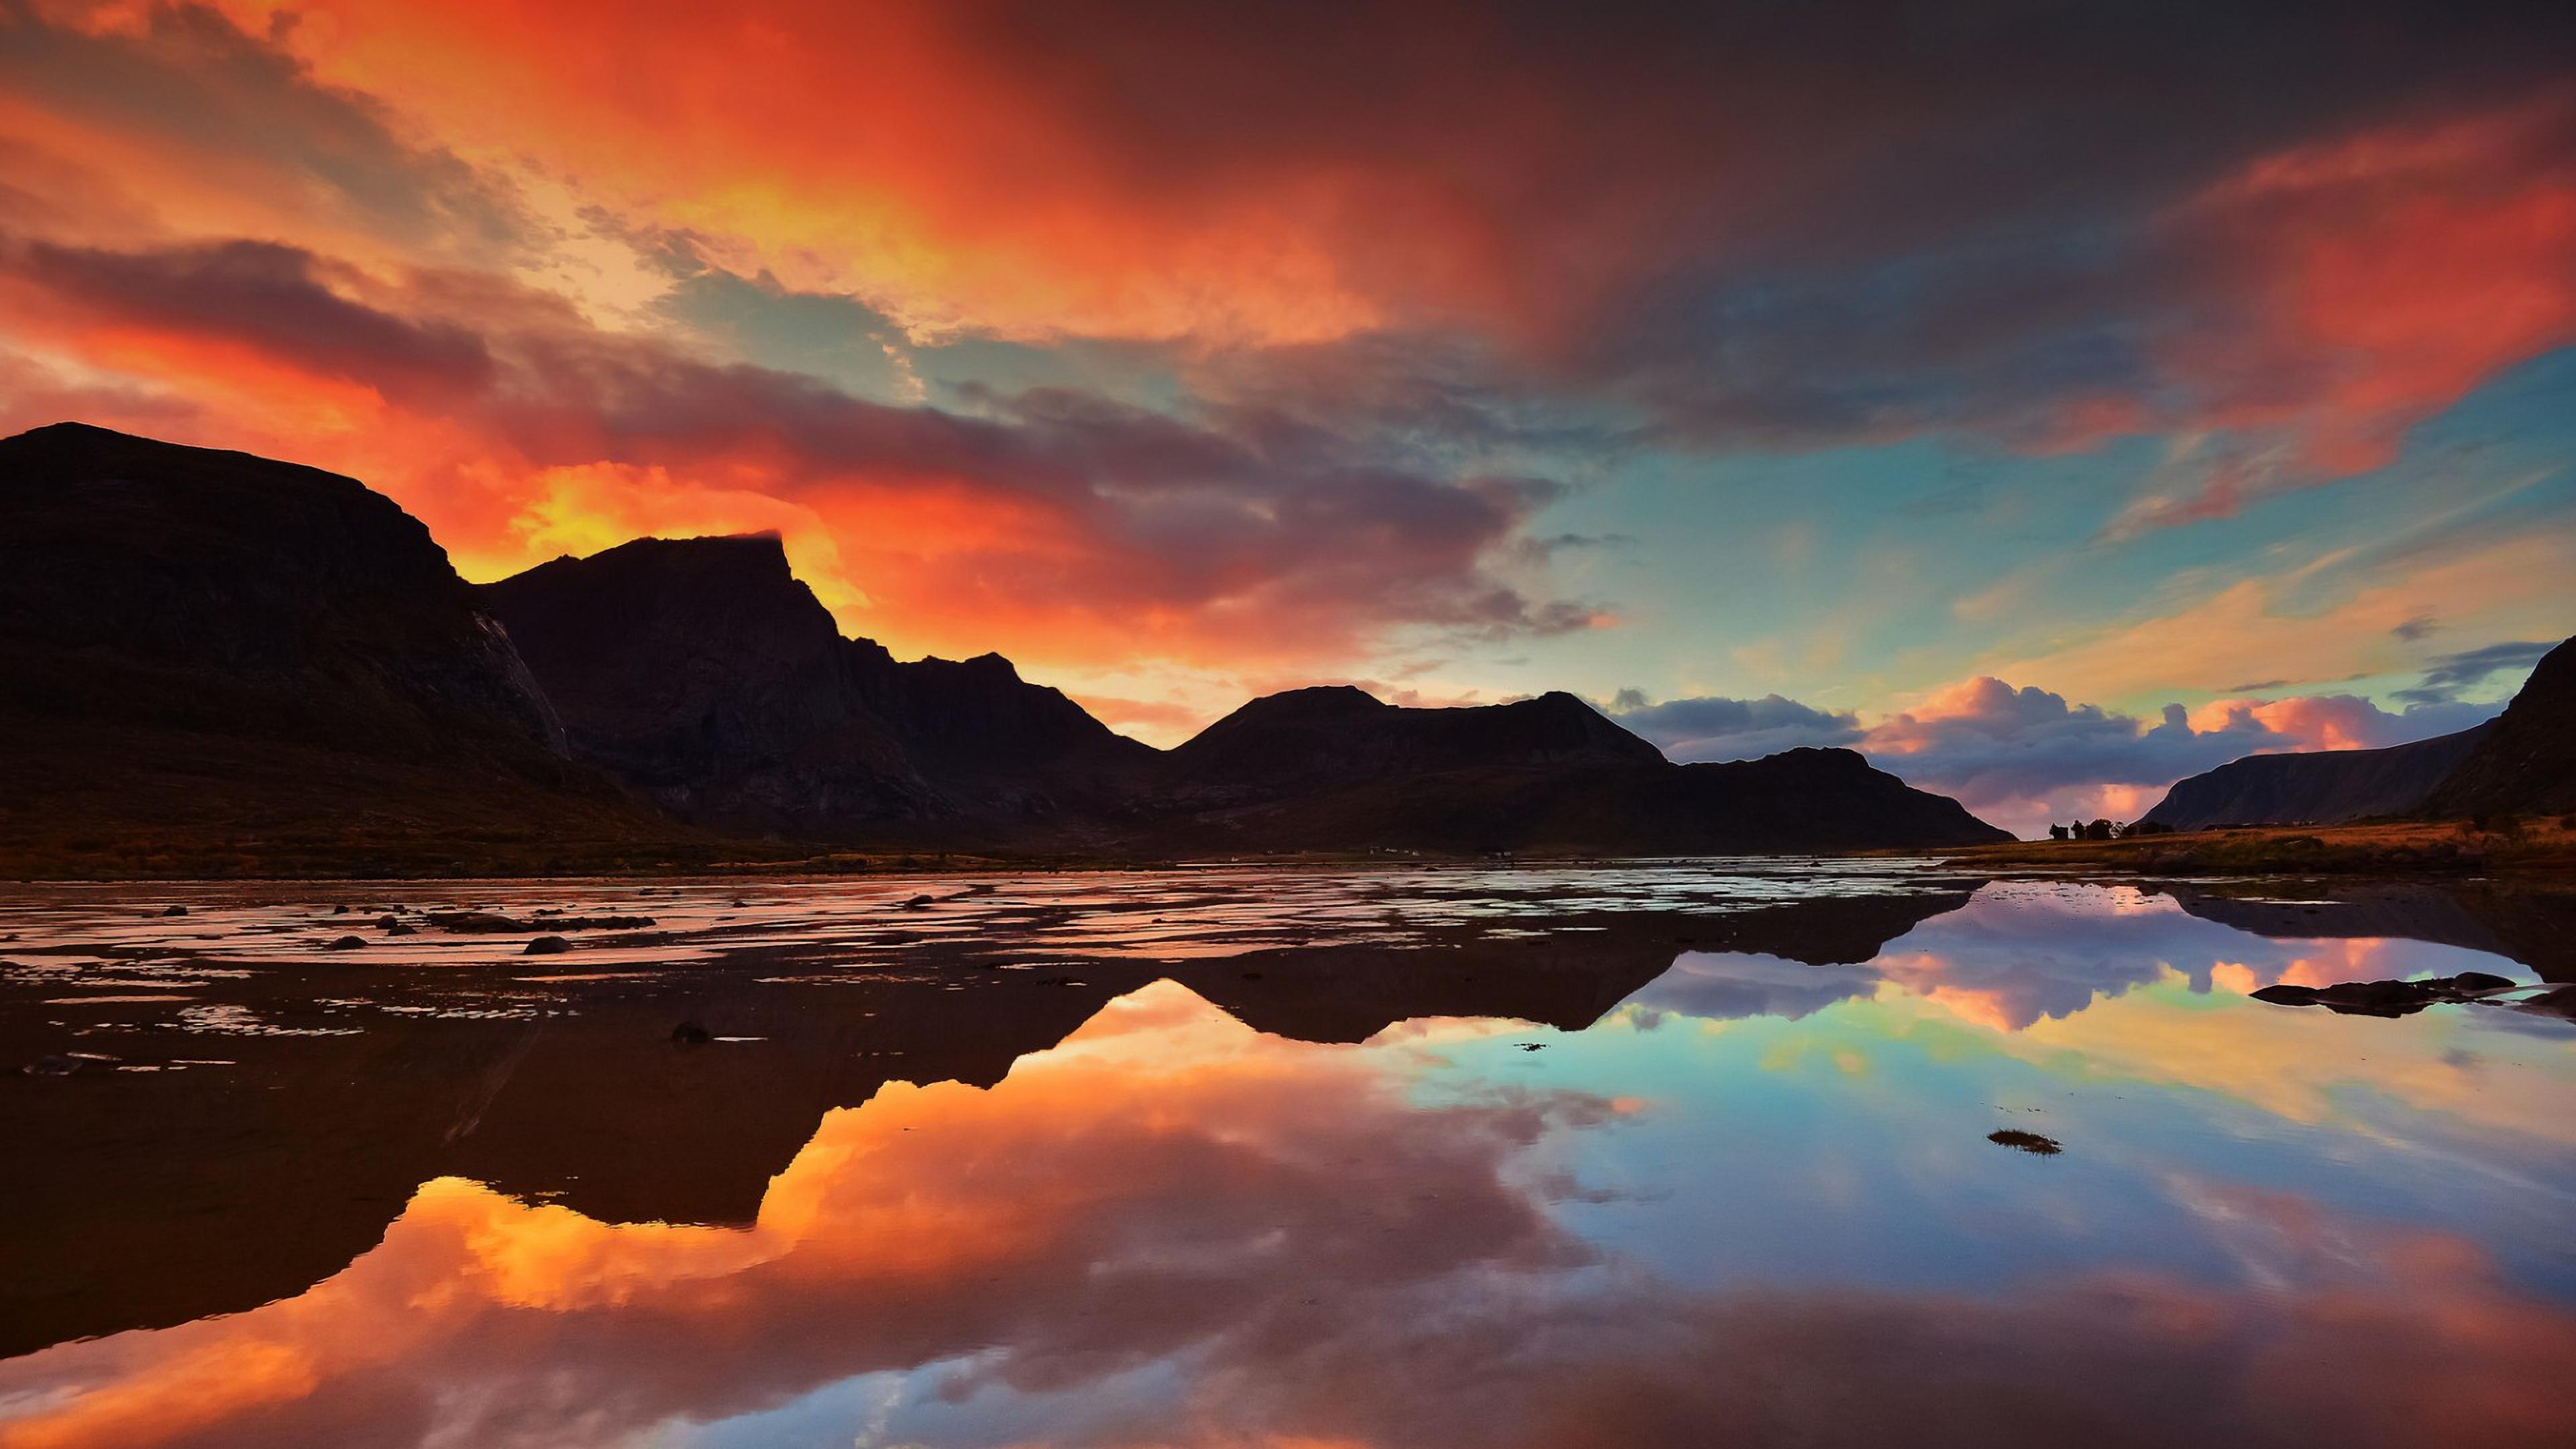 озеро рассвет смотреть